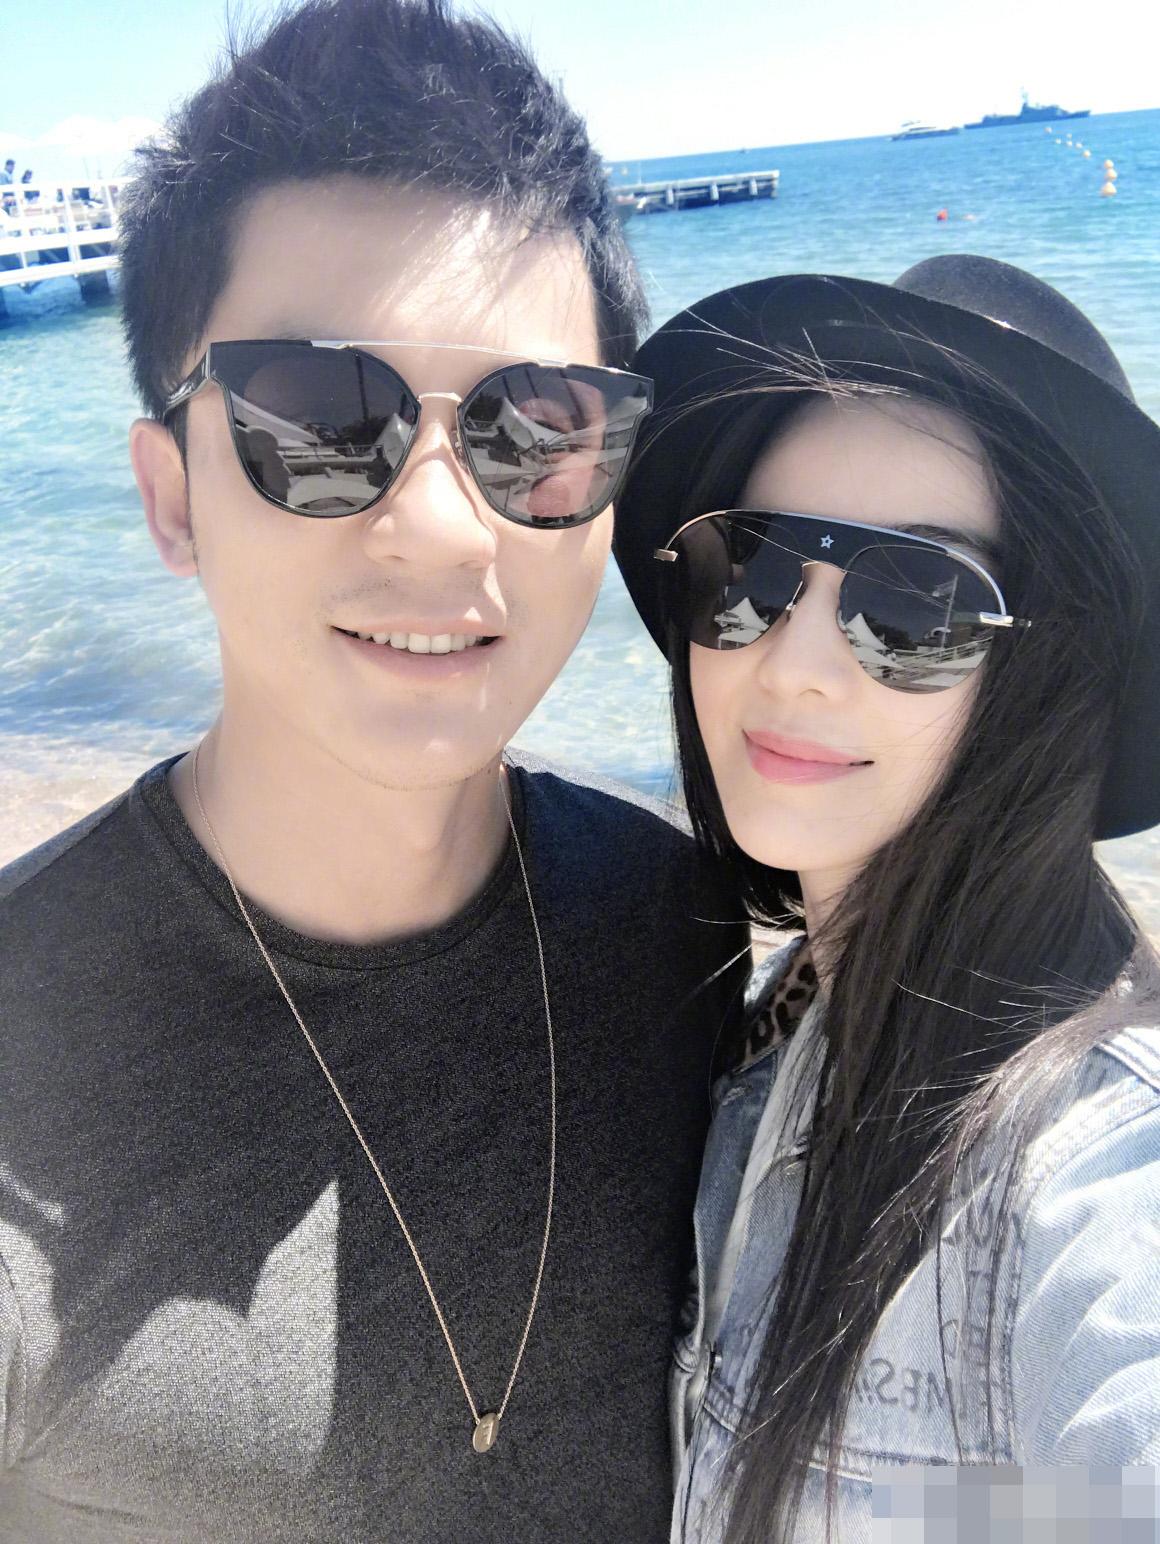 搜狐娱乐讯 如今范冰冰与李晨的恋情也相当安稳,尽管两人暂时还没有